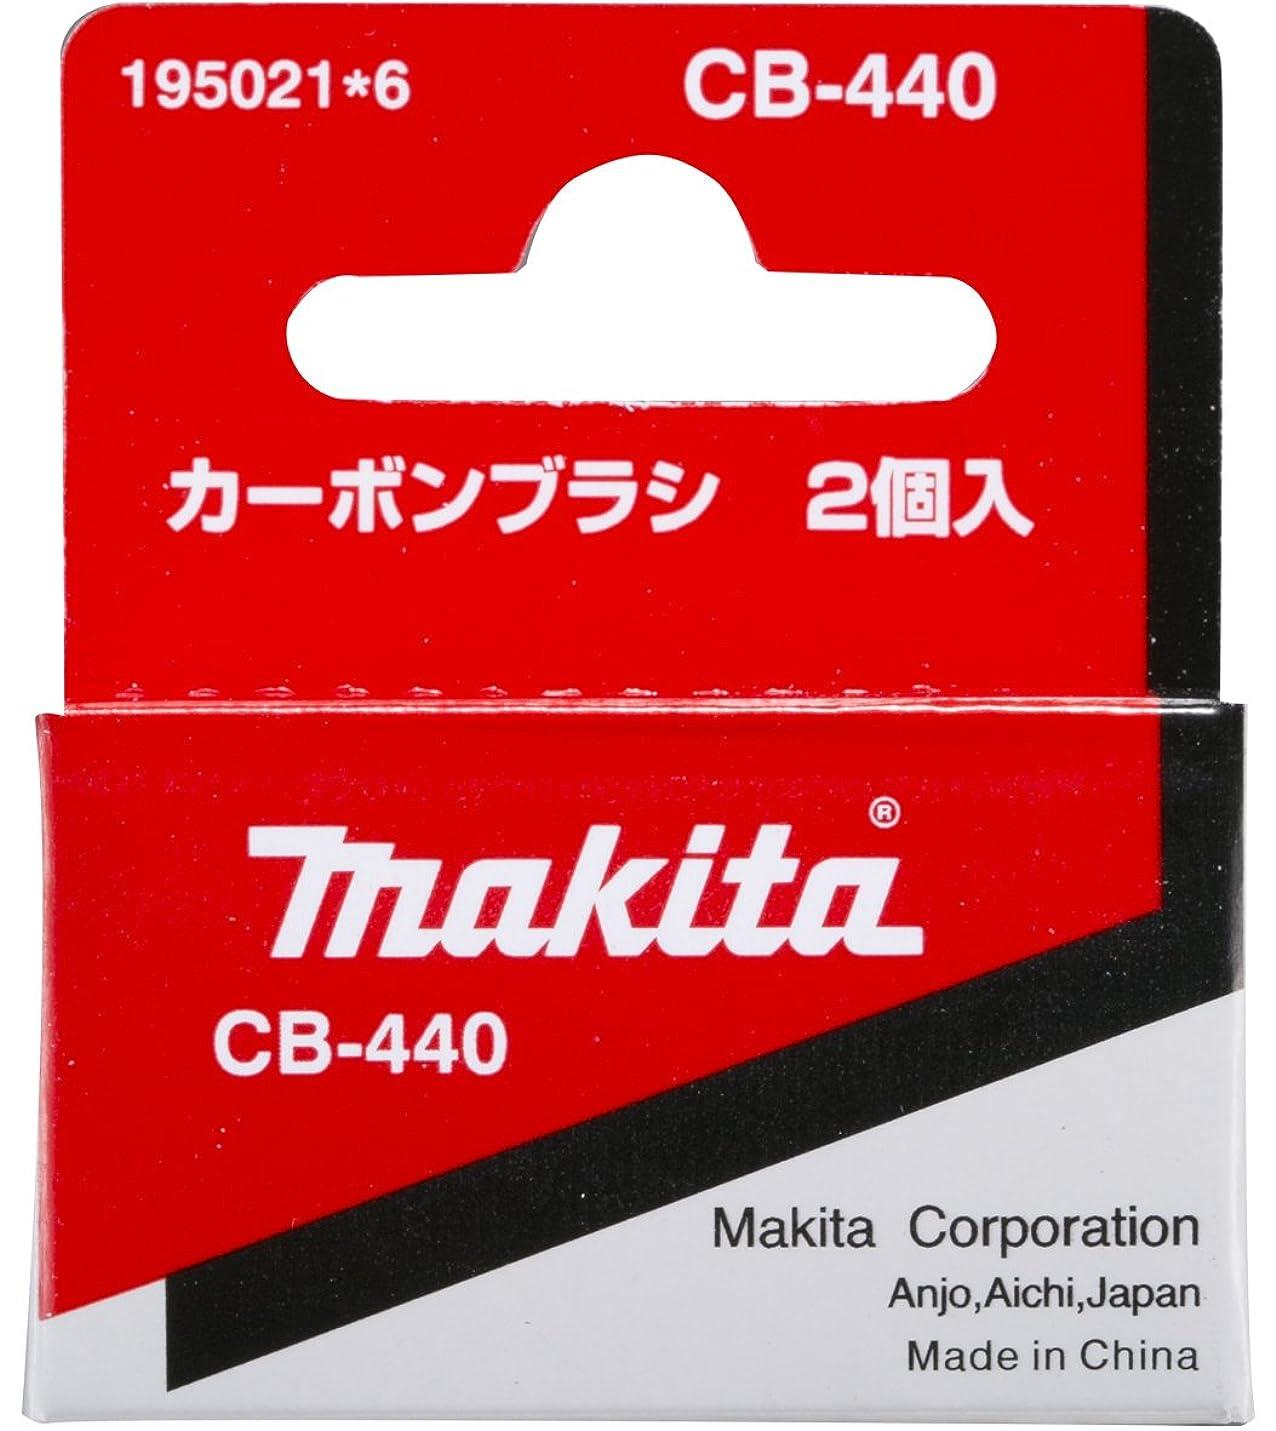 最初に育成悪化するマキタ(Makita) カーボンブラシ CB-440 195021-6